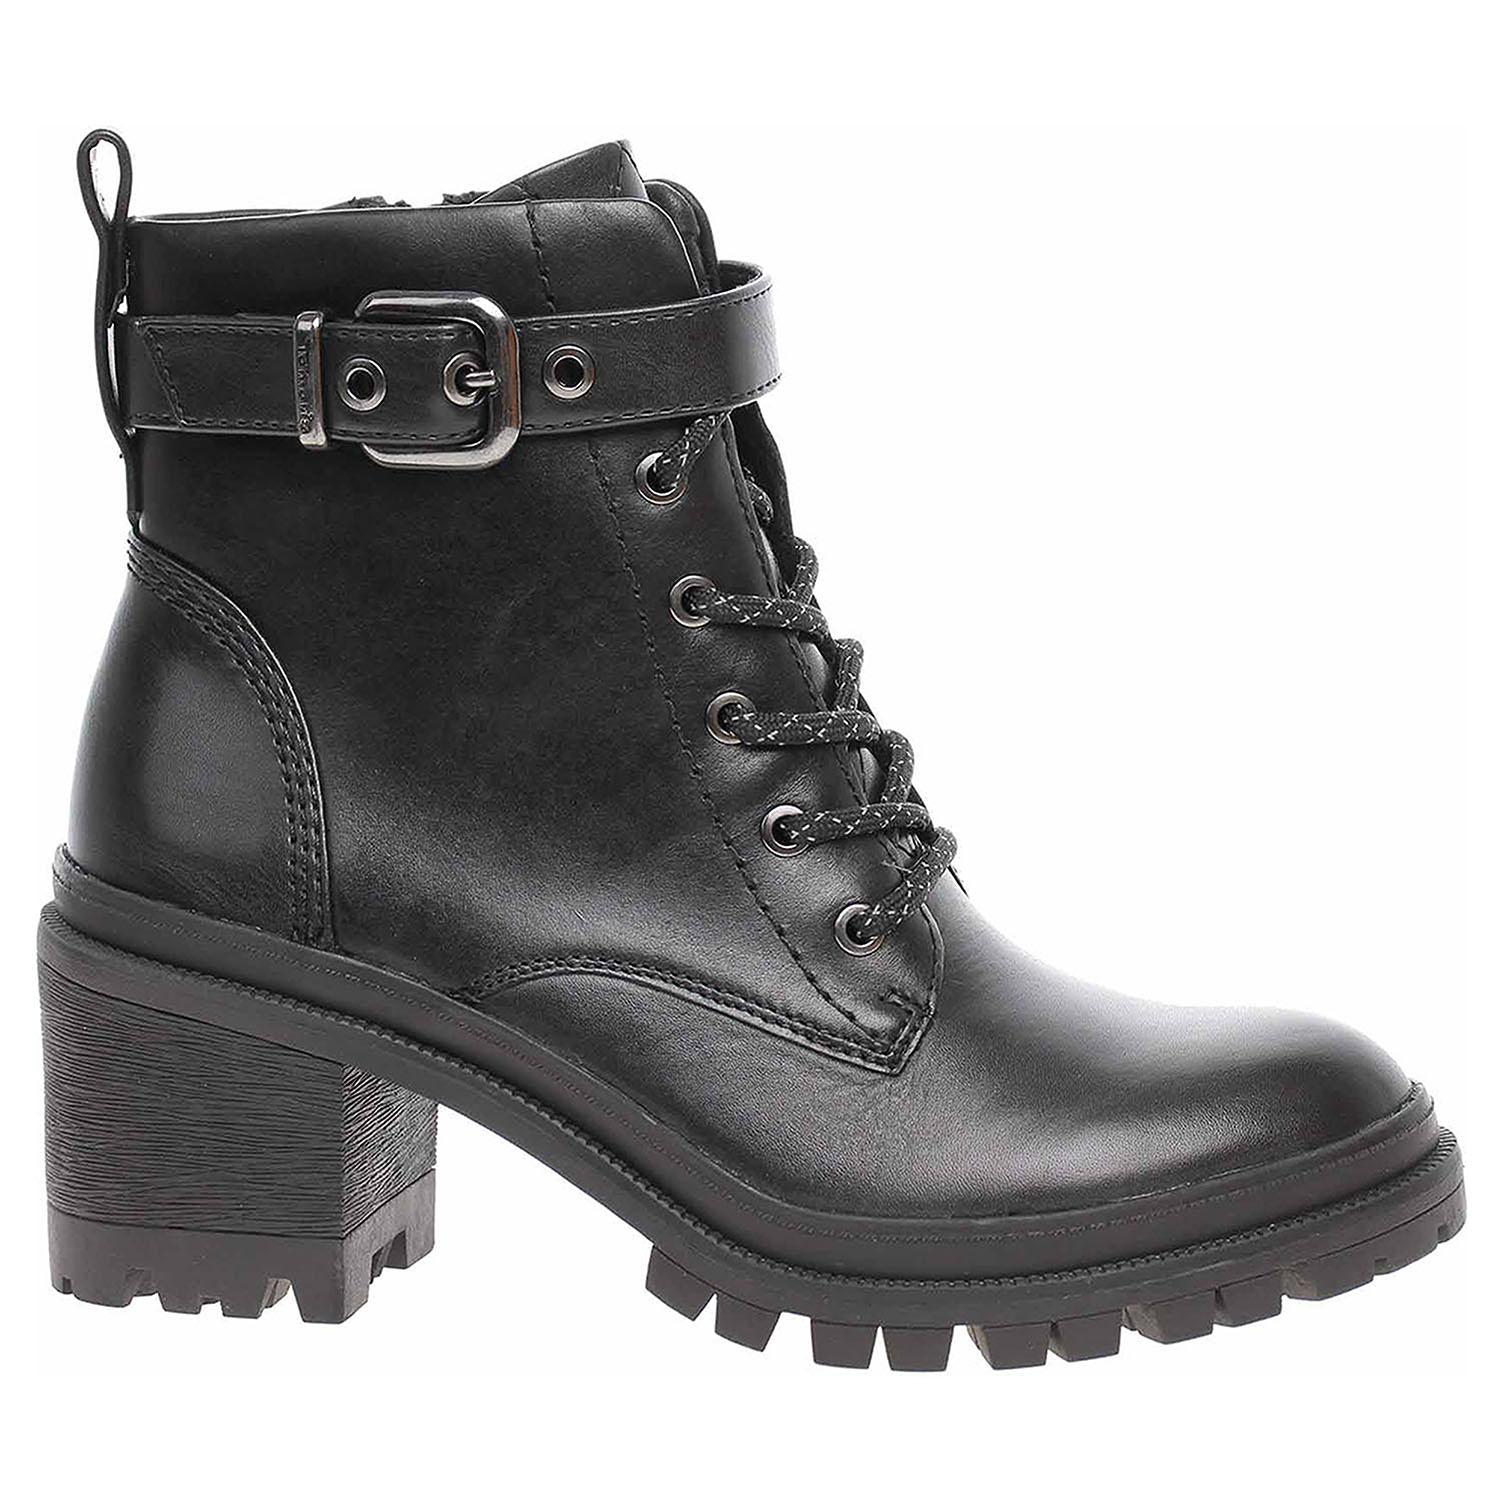 Tamaris dámská zimní obuv 1-25208-25 black 1-1-25208-25 001 39